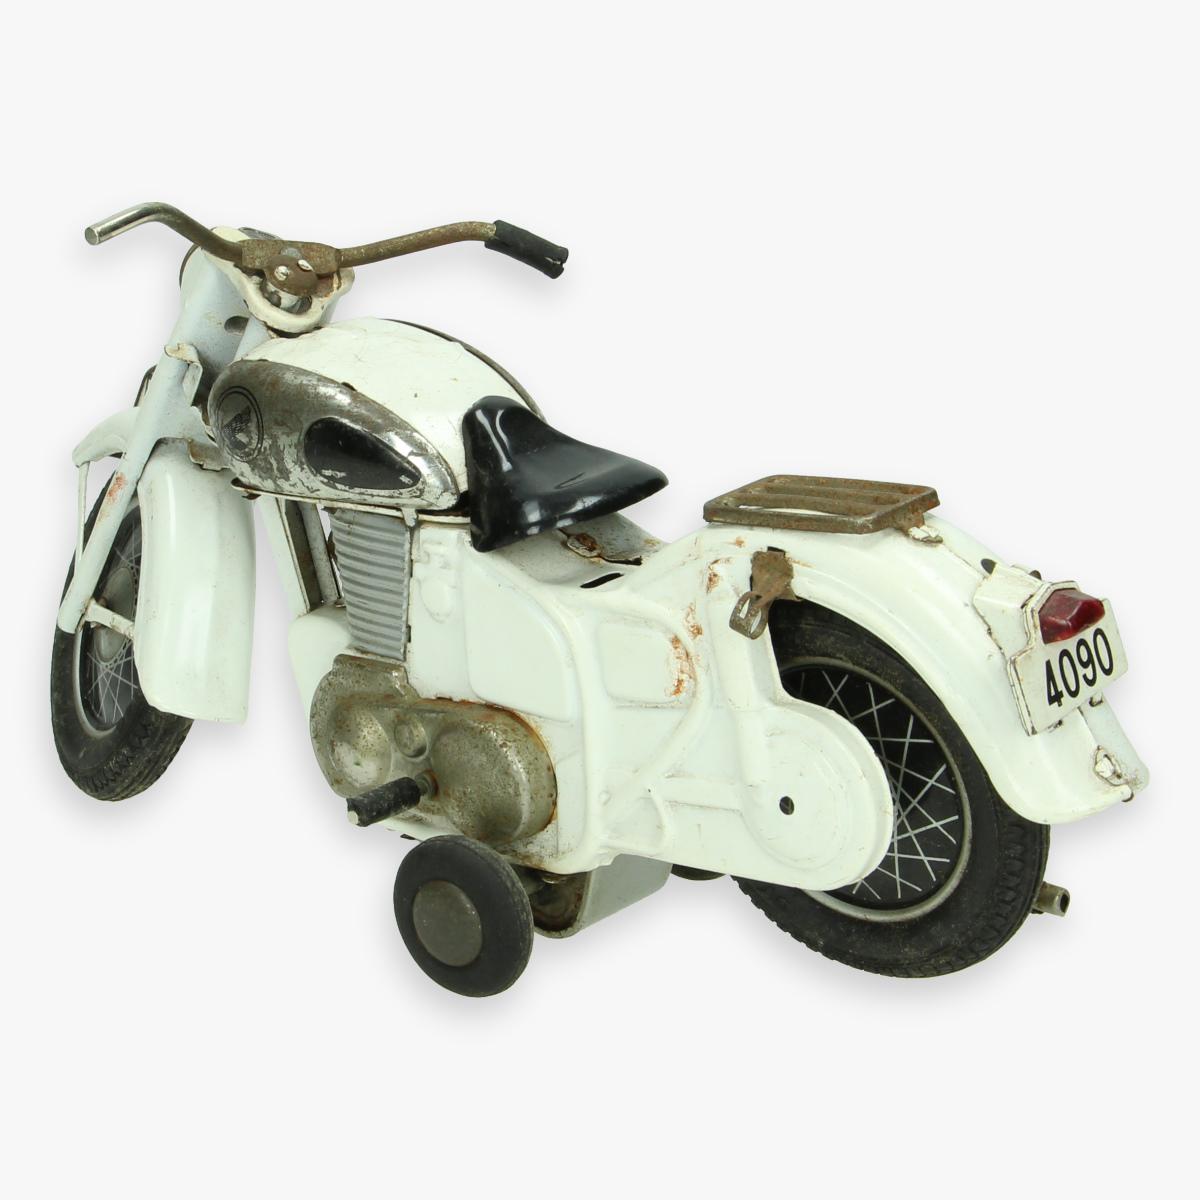 Afbeeldingen van tin toy motorcycle bandi zonder bestuurder en afstandsbediening